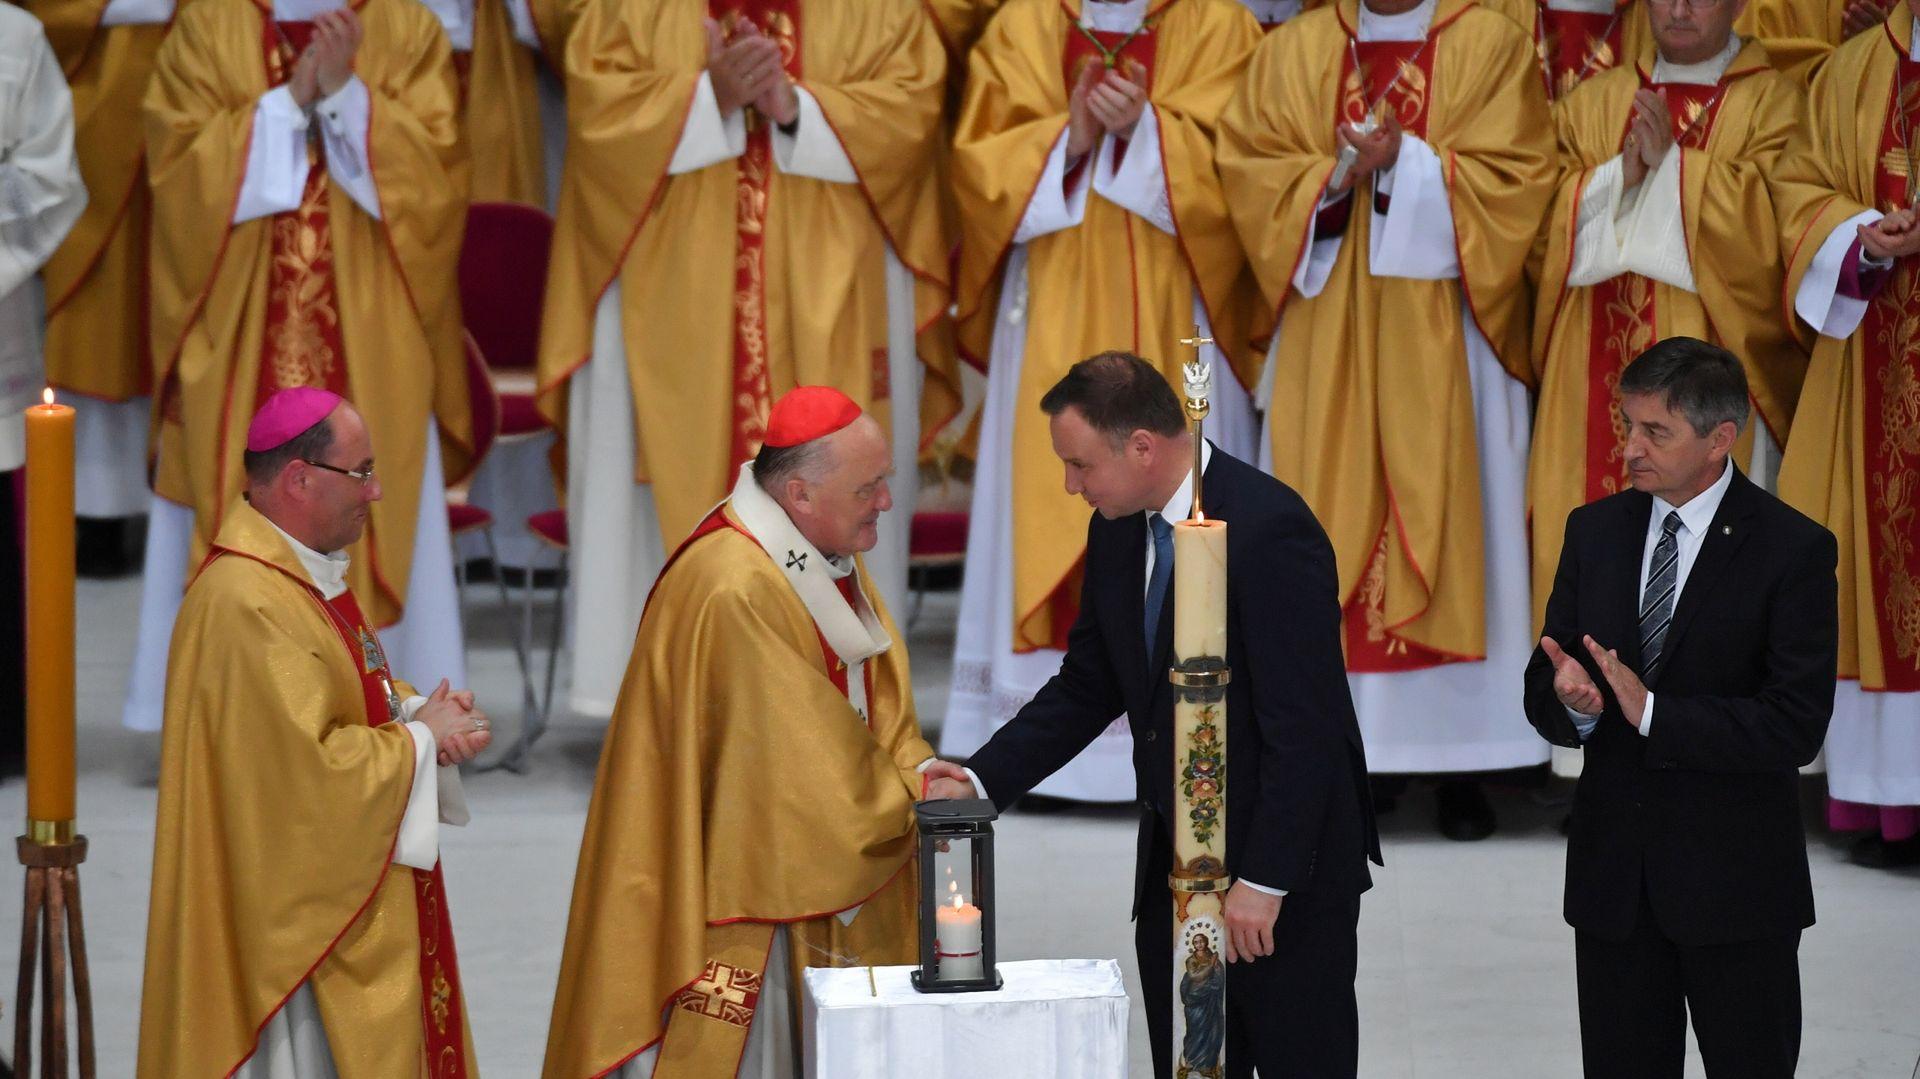 Abp. Kazimierz Nycz ściska dłoń prezydenta Andrzeja Dudy. Brawo biją Marek Kuchciński i biskupi